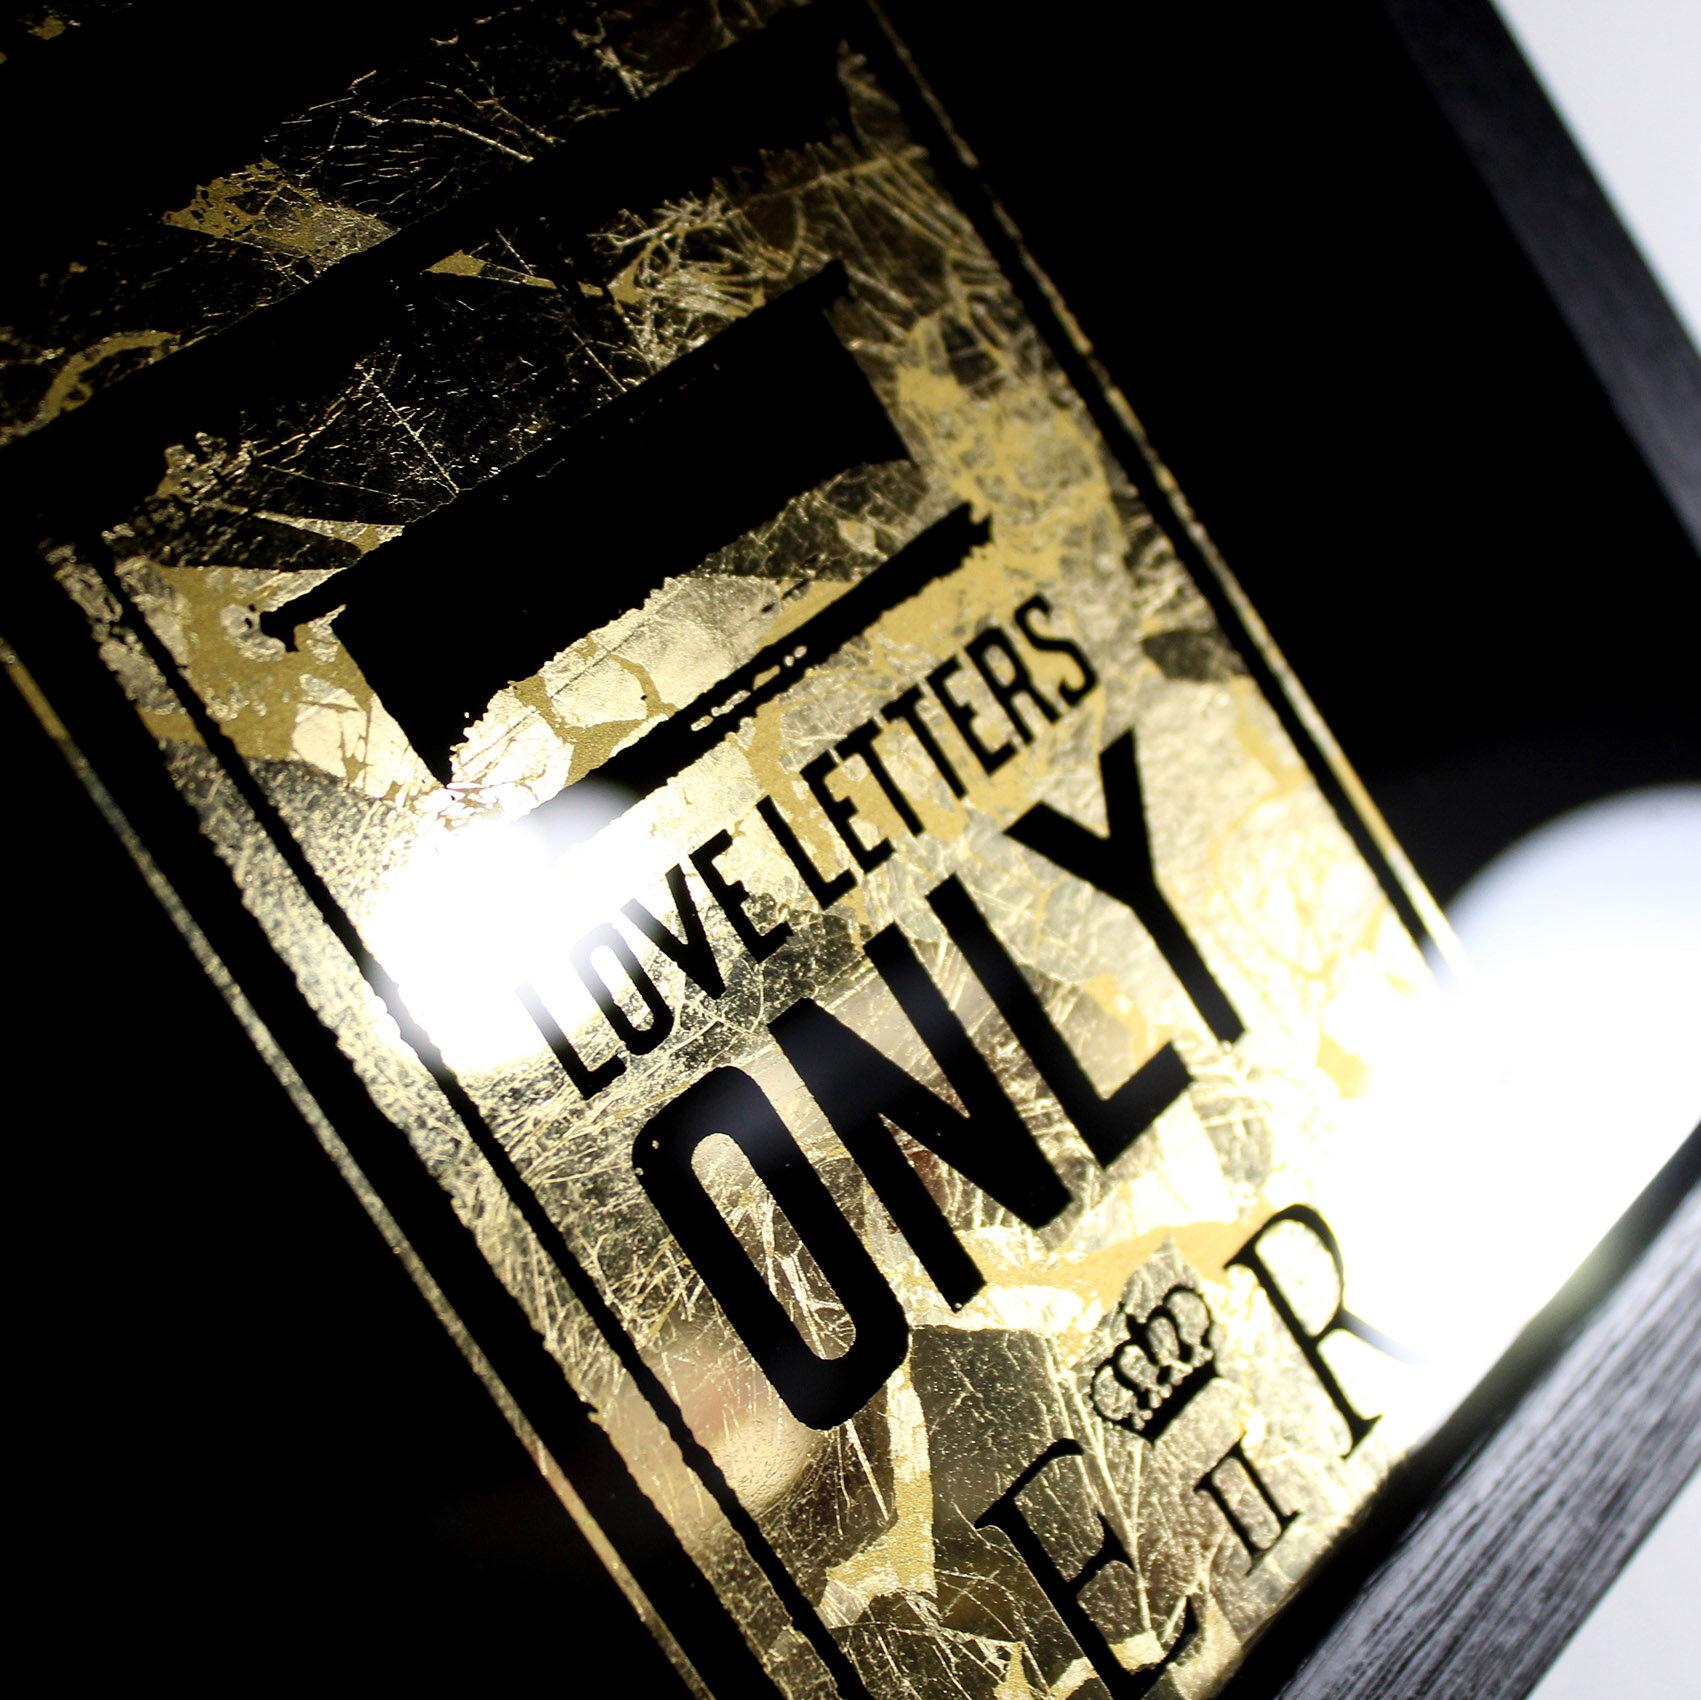 Mark+Petty+LLO+mini+close+up+low+gold